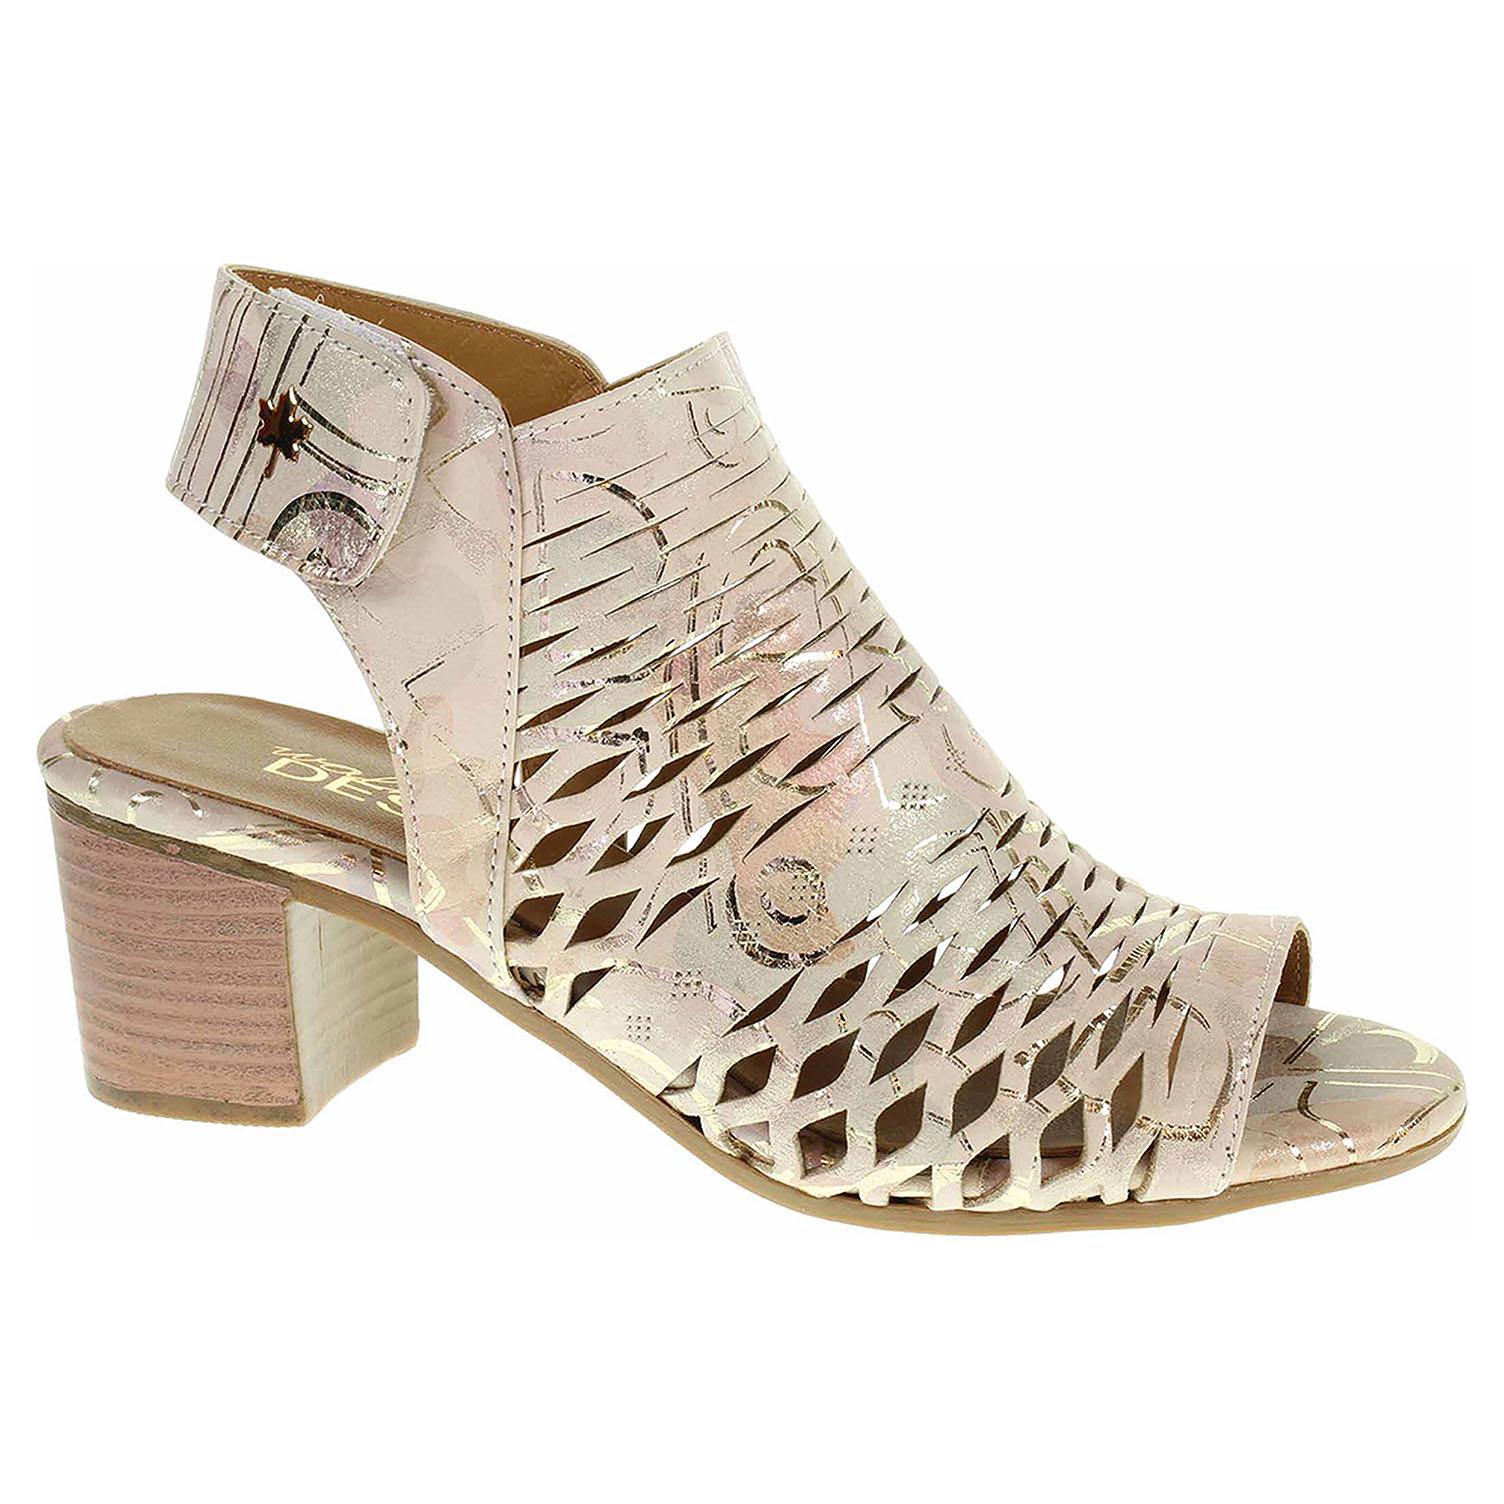 33964 beige printed módní dámské sandály kotníkové, s.zip